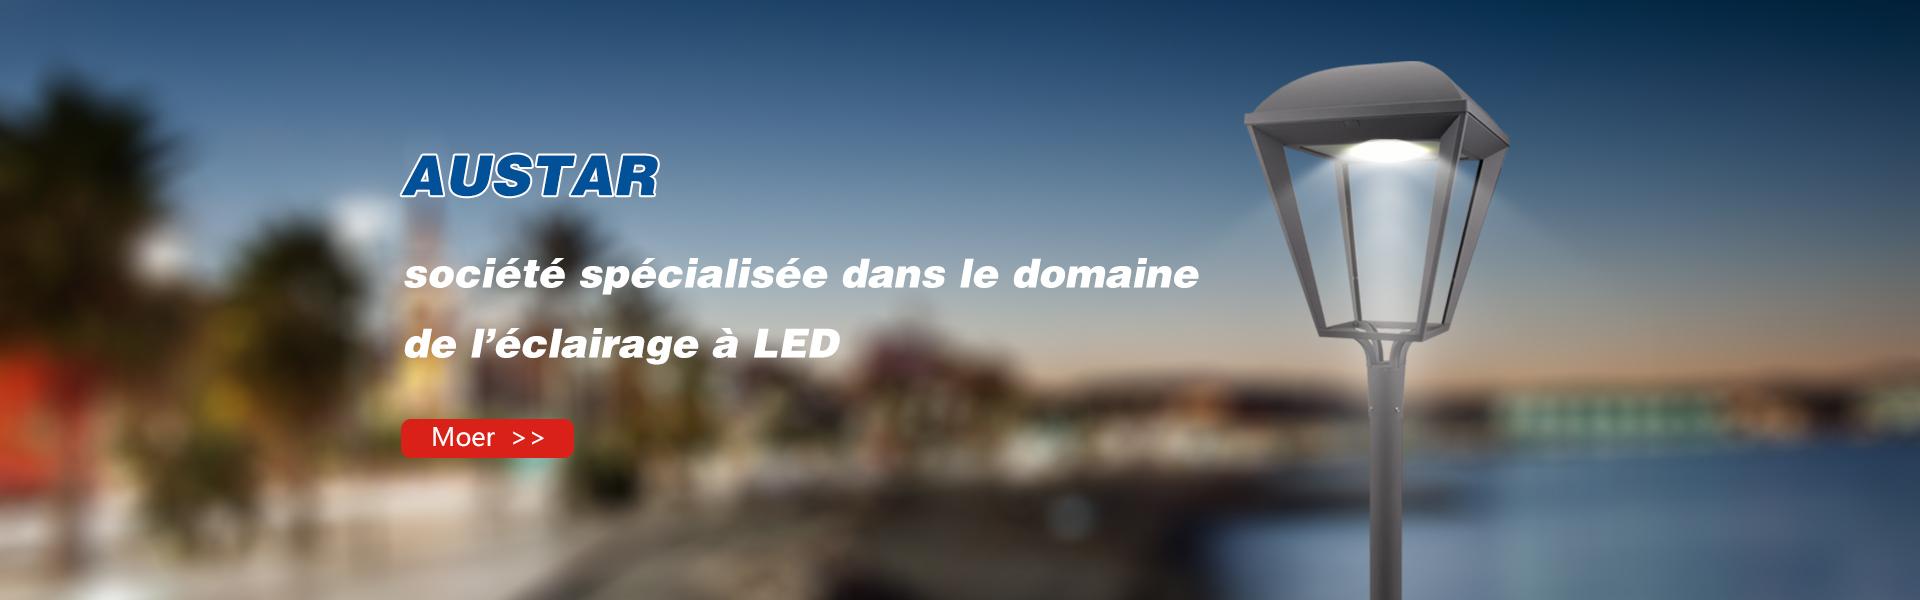 société spécialisée dans le domaine  de l'éclairage à LED